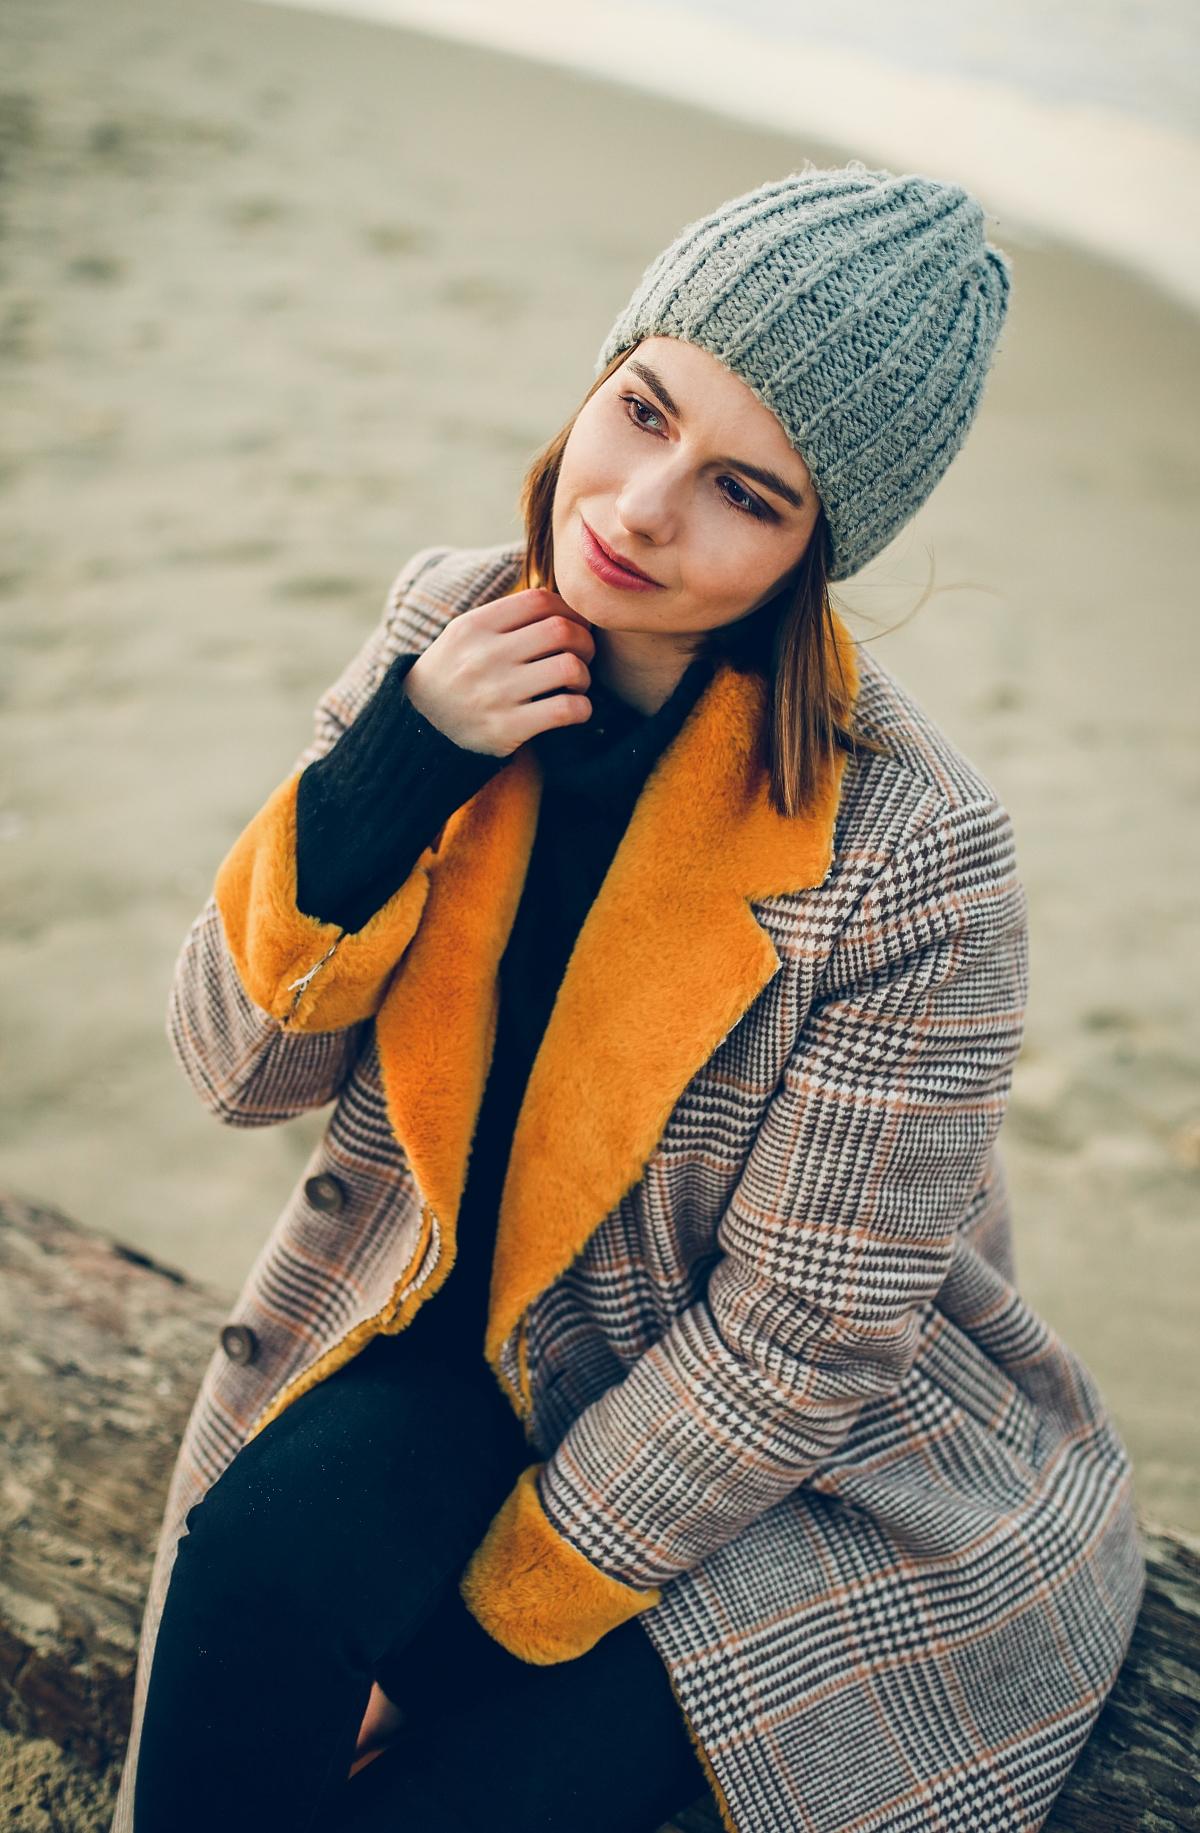 zimowy płaszcz z kożuchem musztardowym sesja gdansk